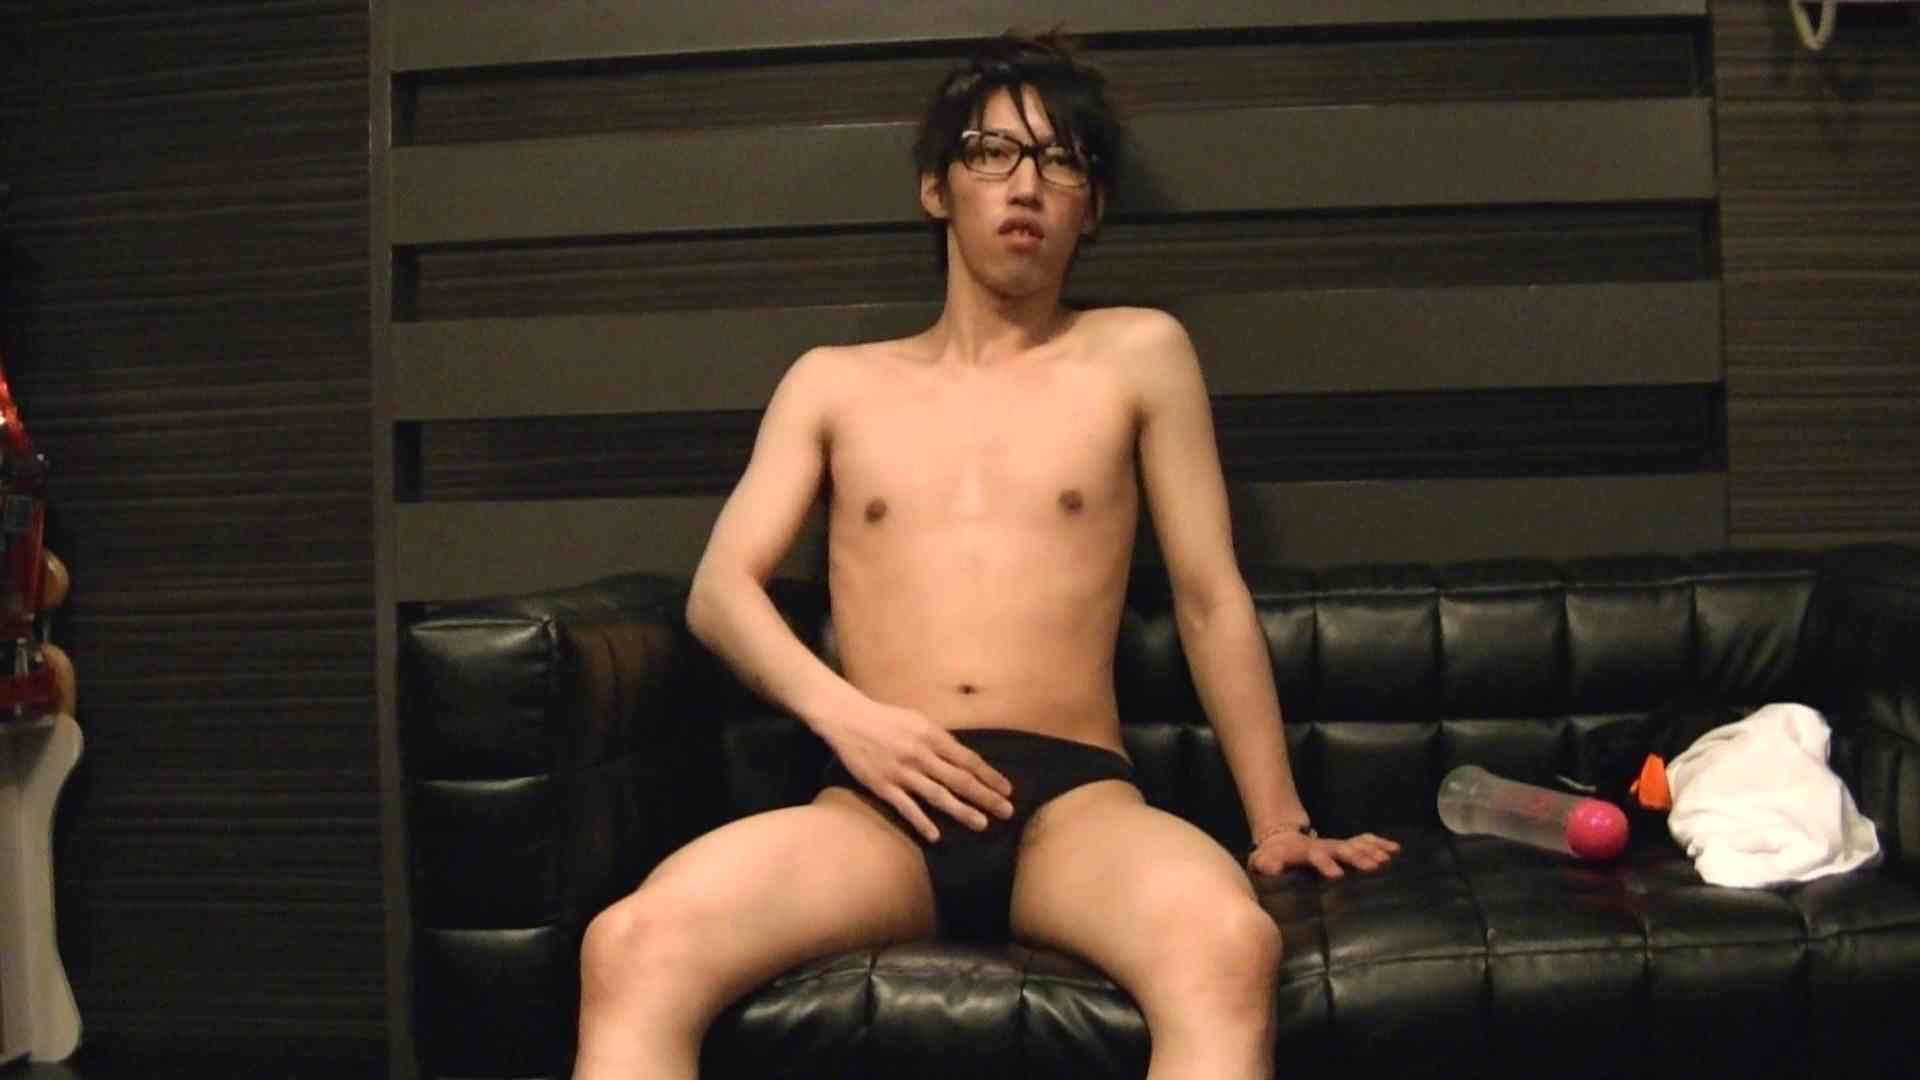 Mr.オナックスさん投稿!HD 貴方のオナニー三万円で撮影させてください。VOL.04 スジ筋系  32pic 2